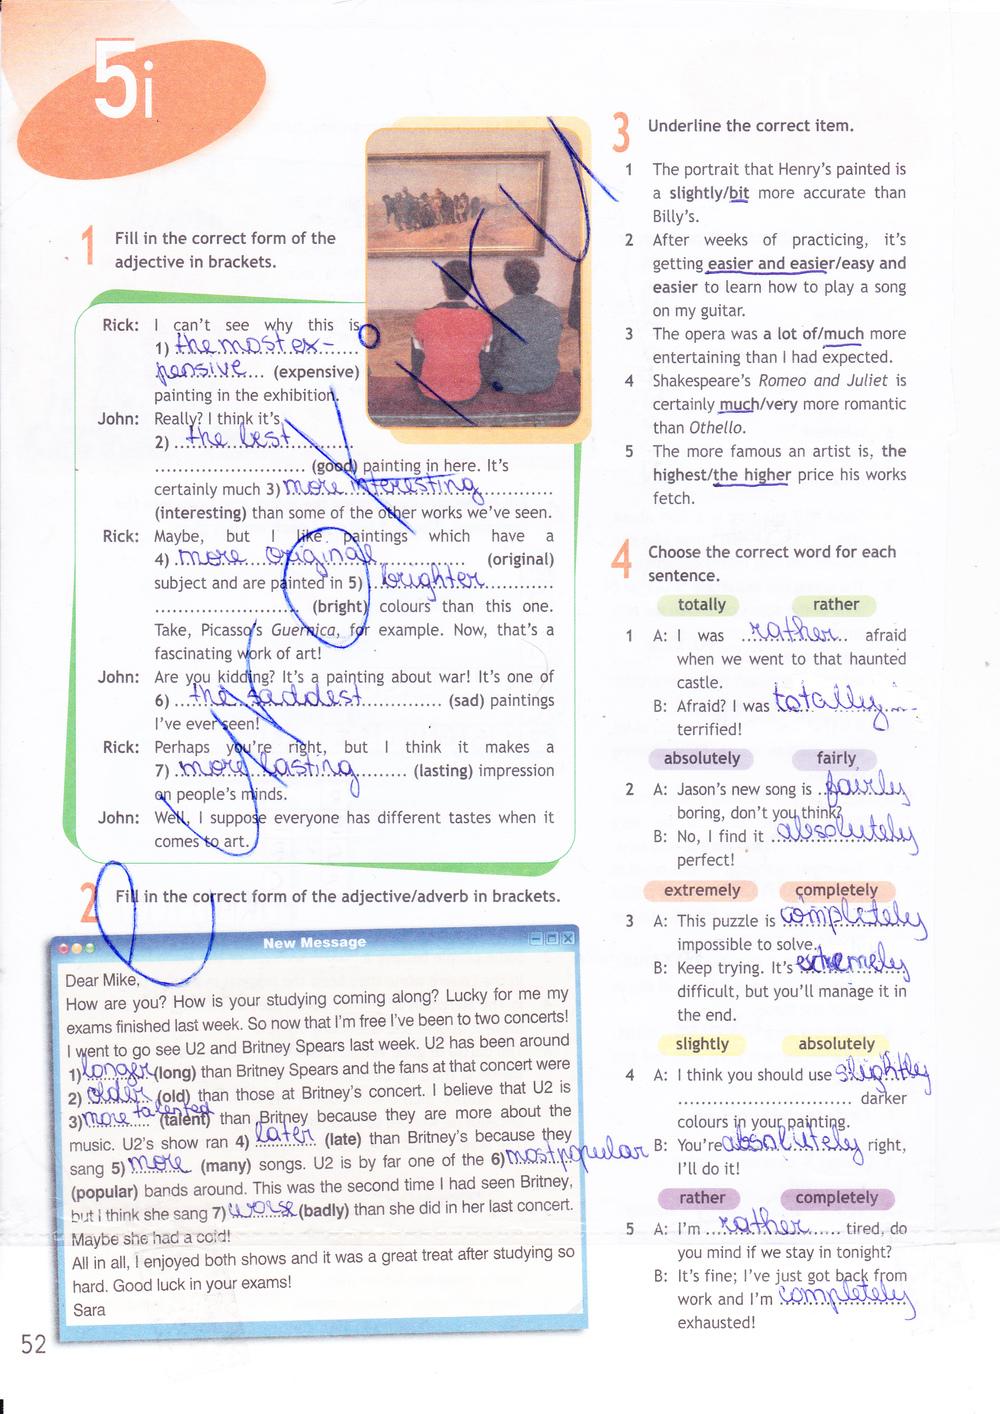 английскому тетрадь виргиния гдз рабочая по 5 класса